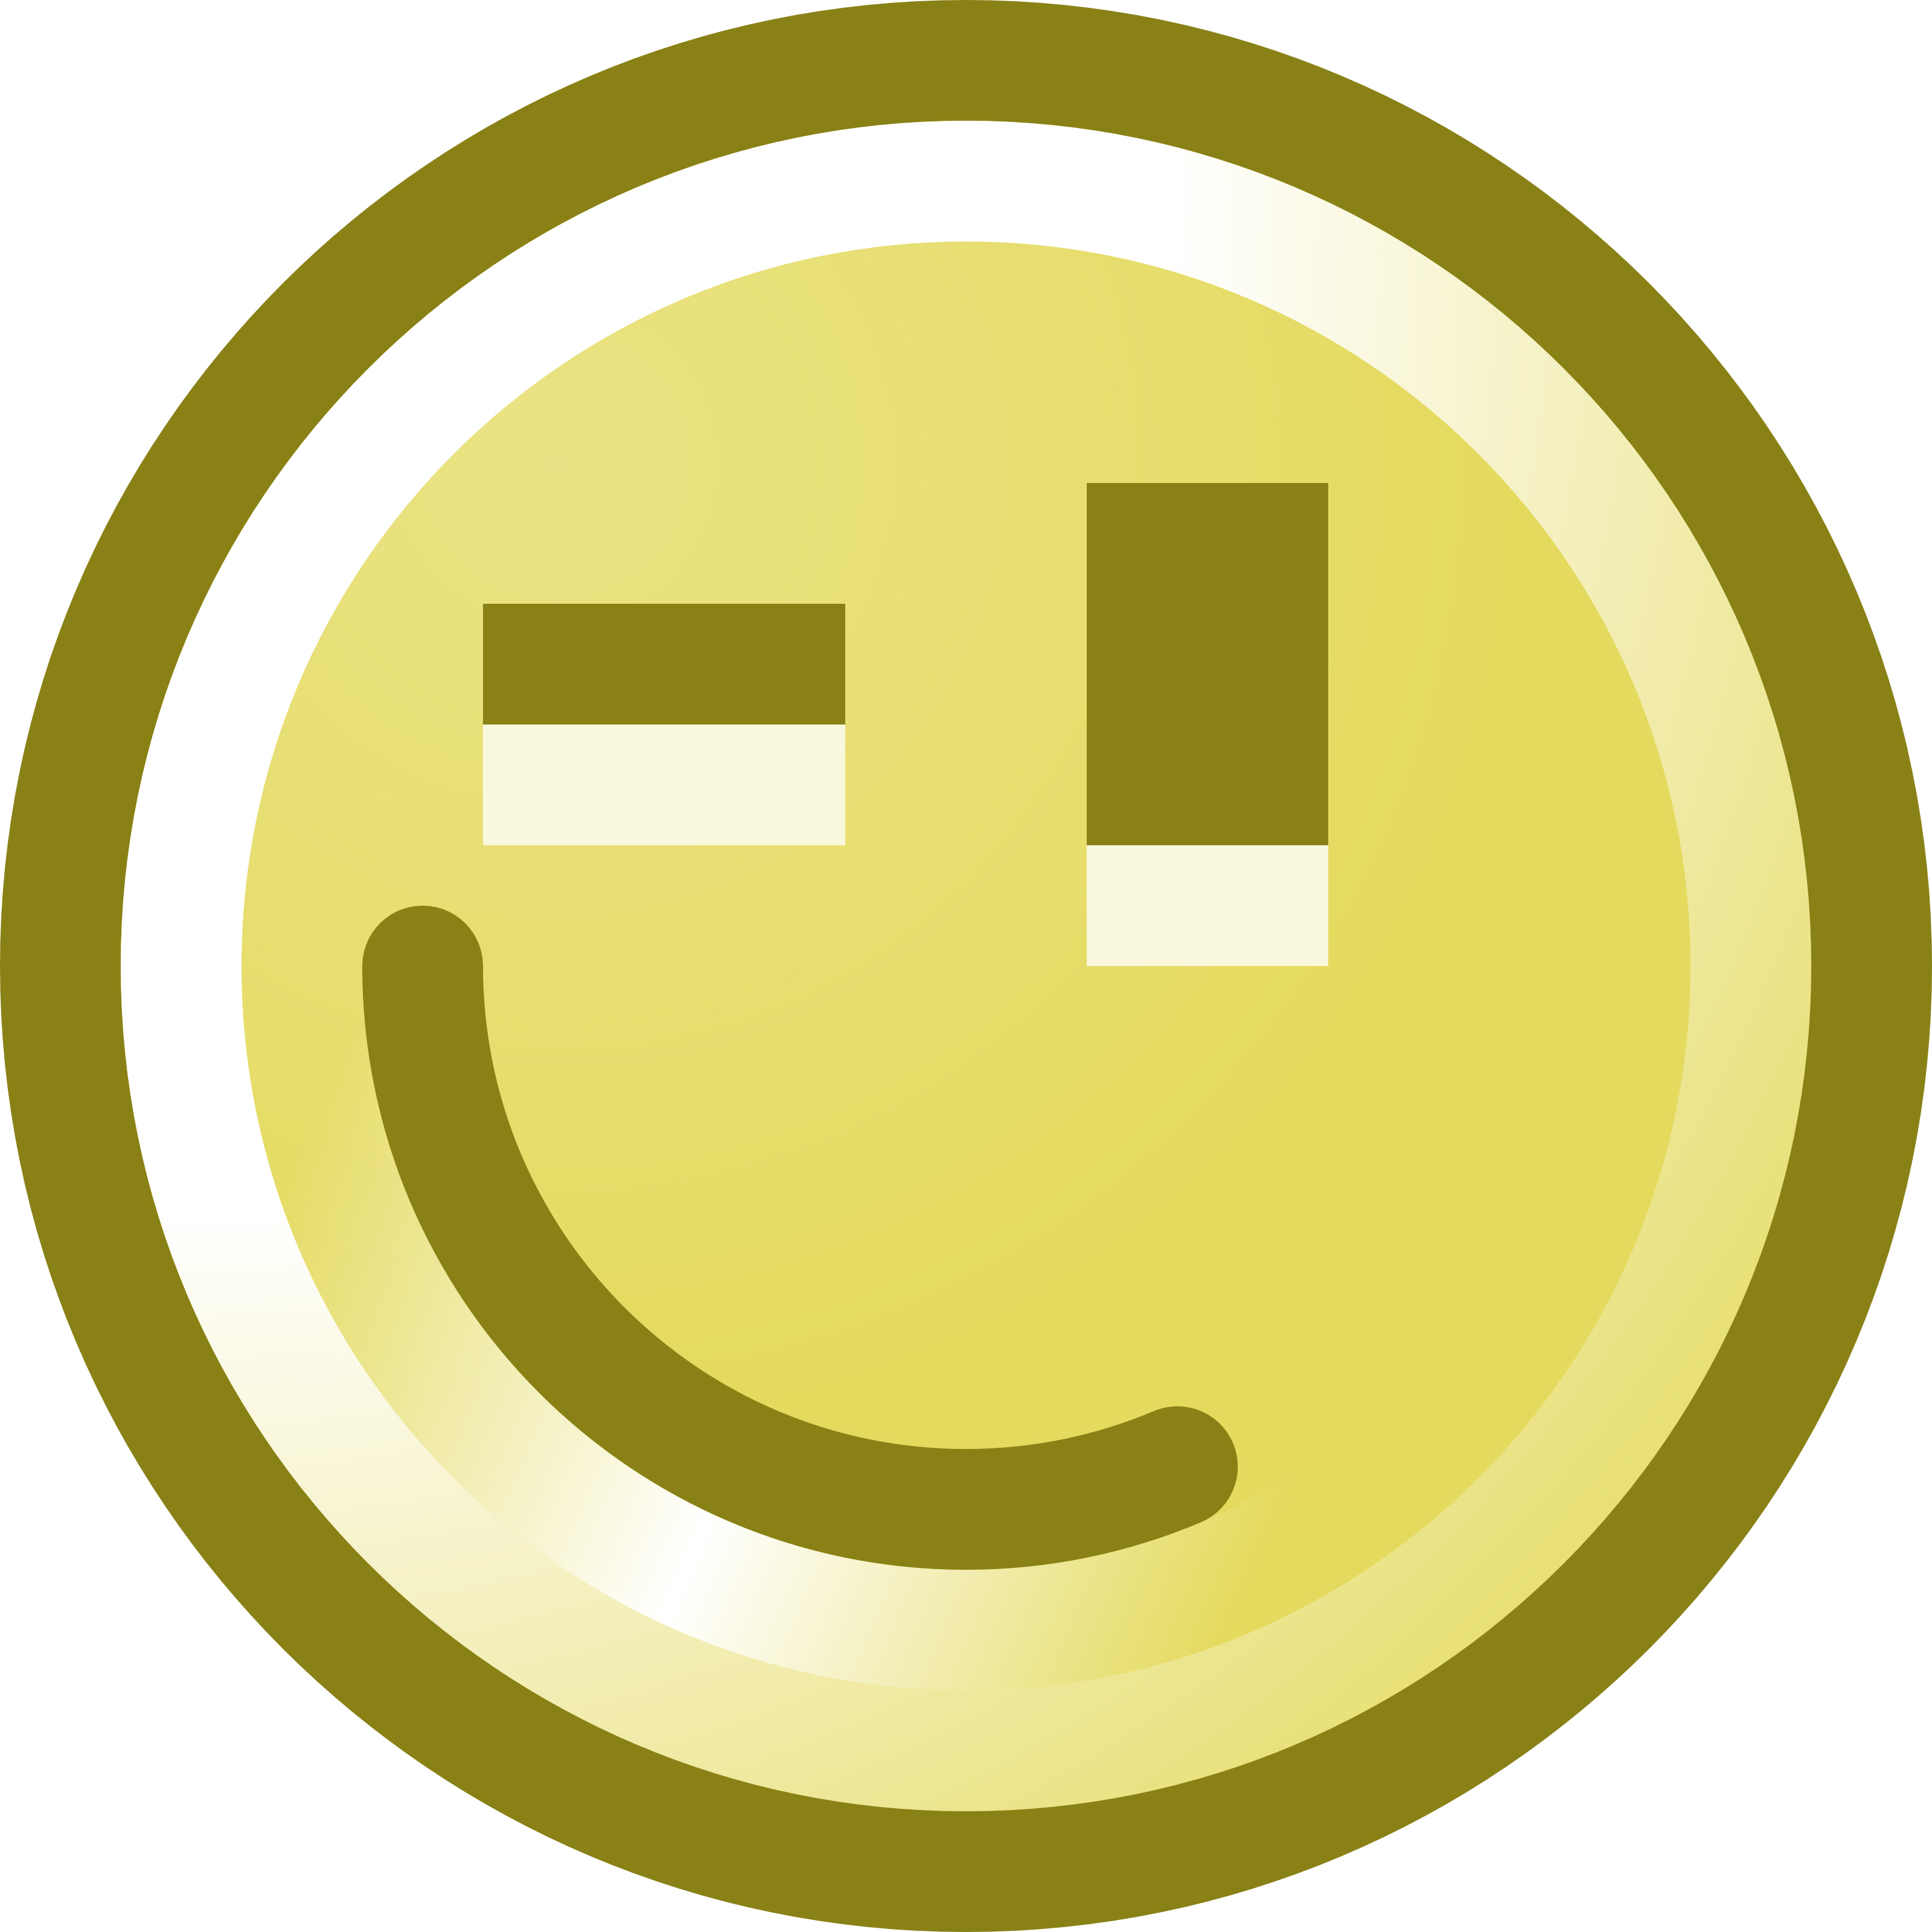 Winking Smiley Face Clip Art Illustration.